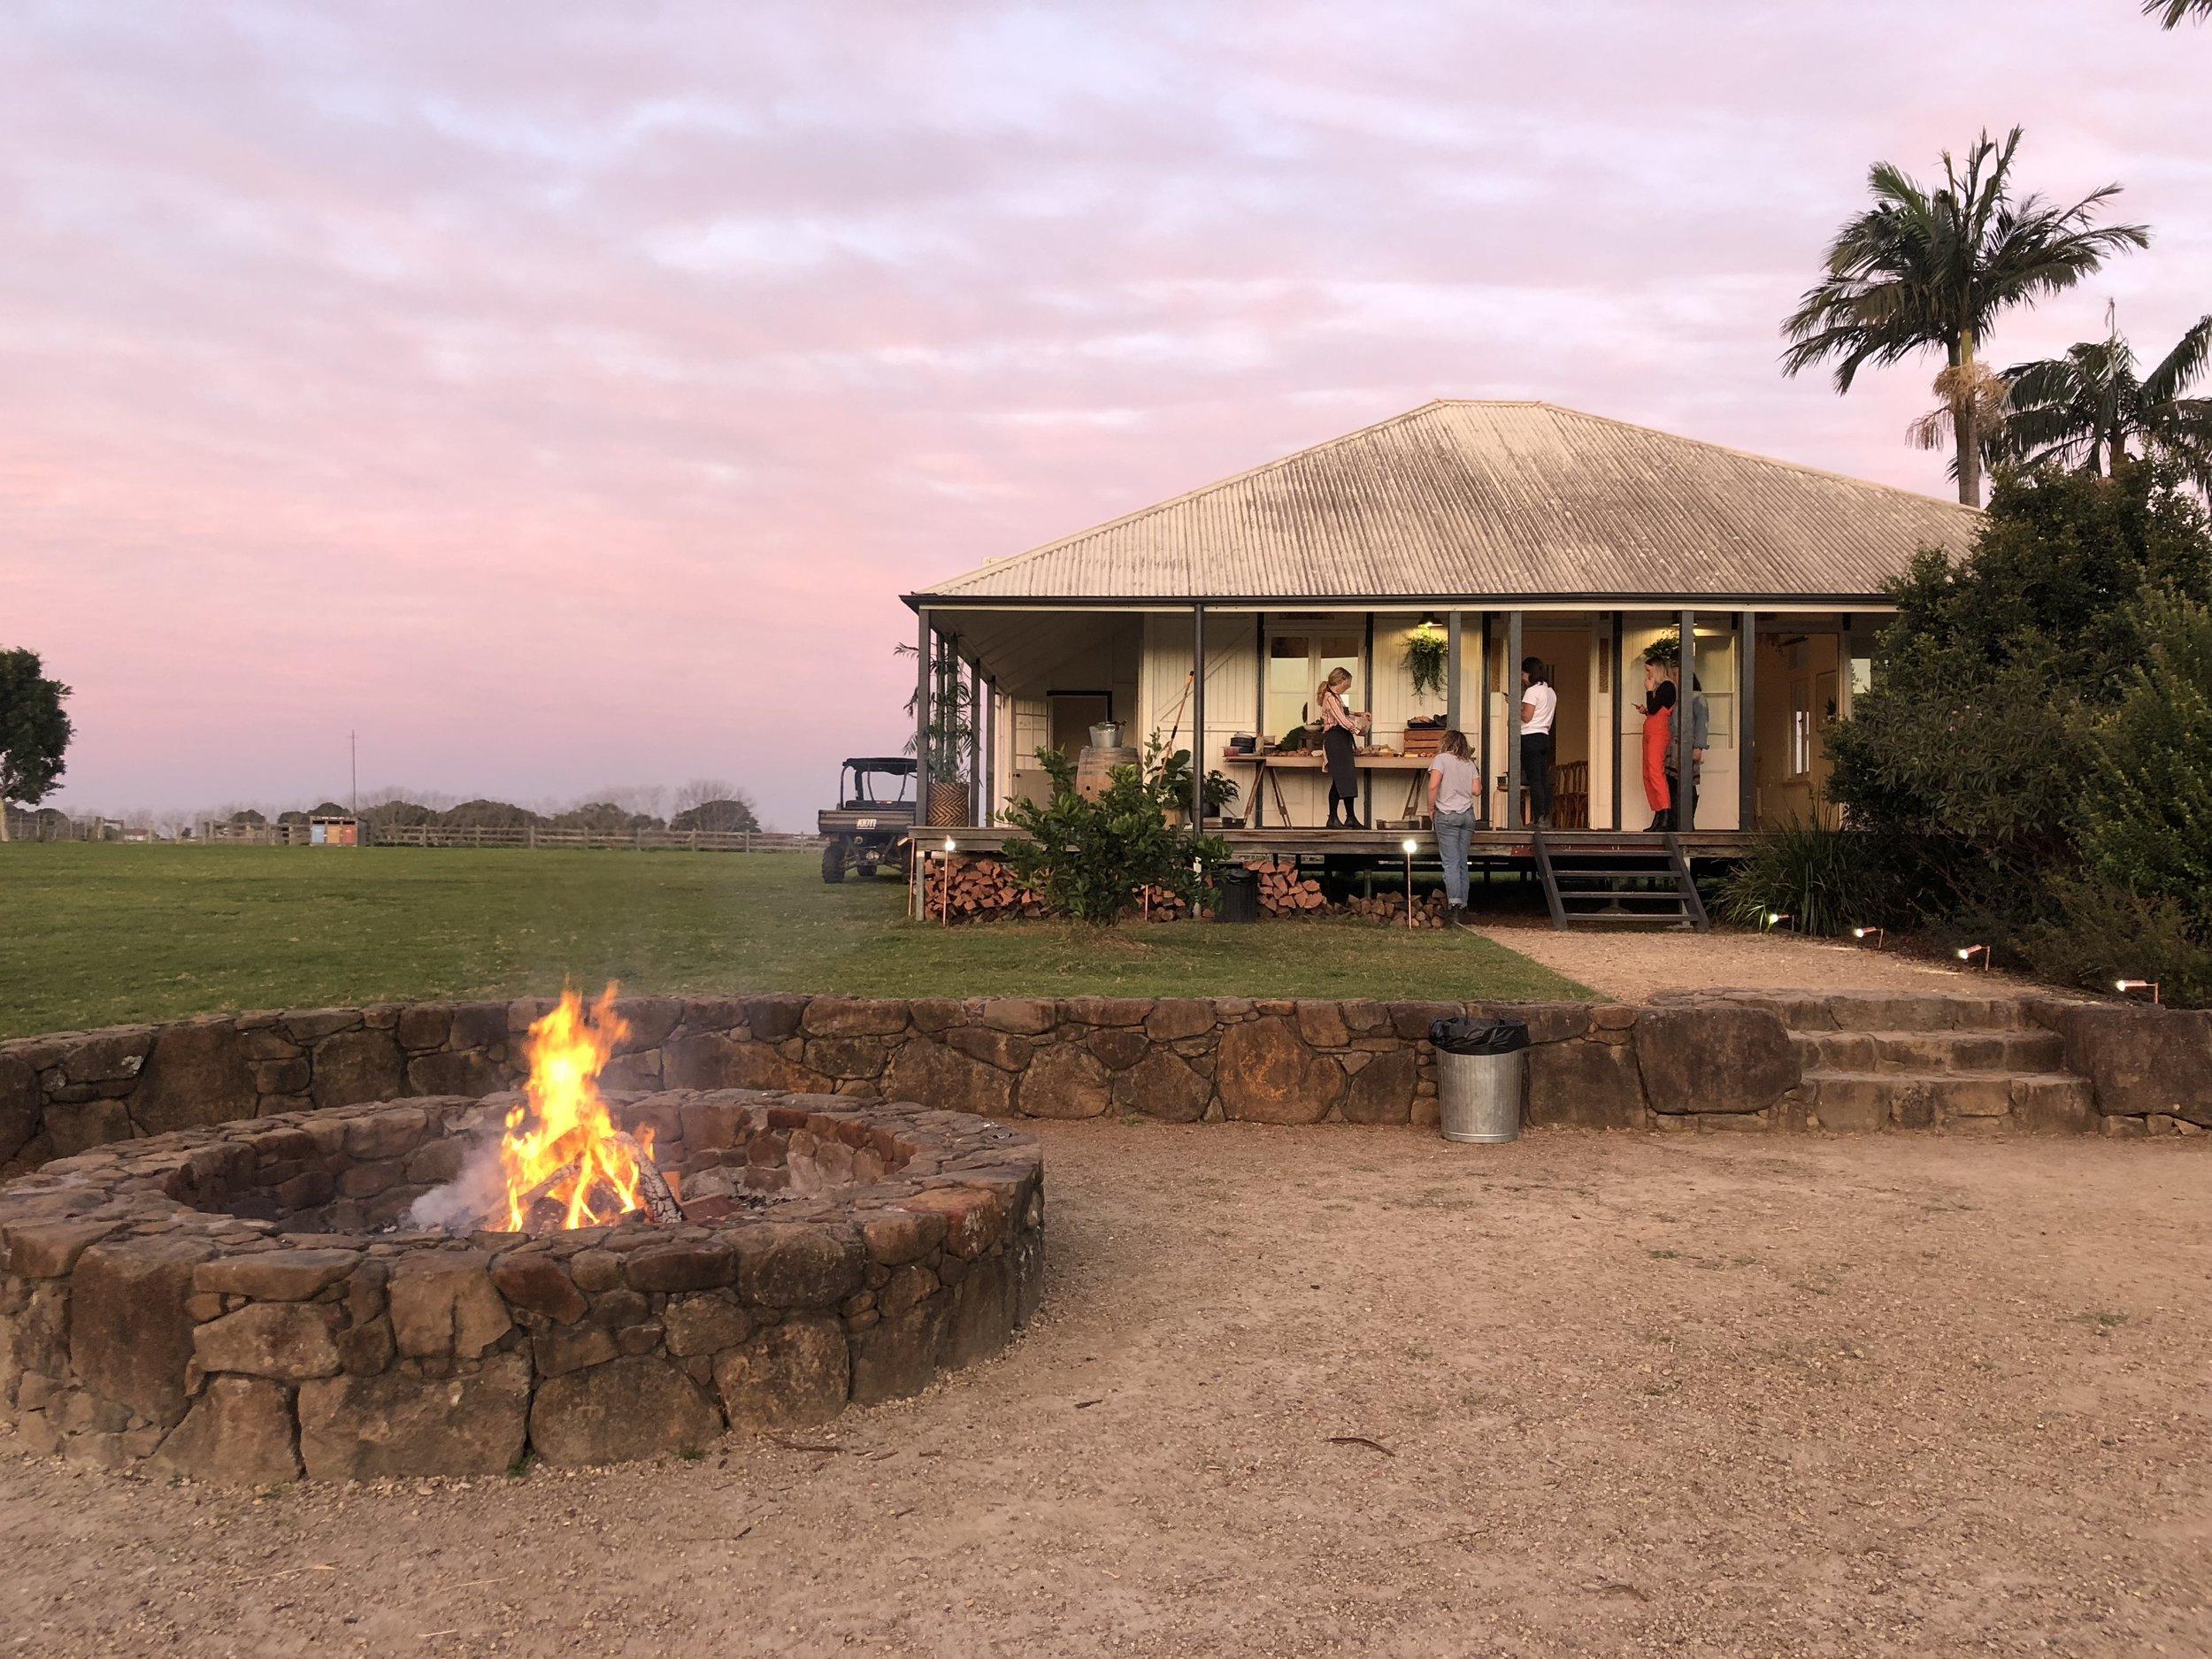 Farm House_sunset_The Farm.JPG